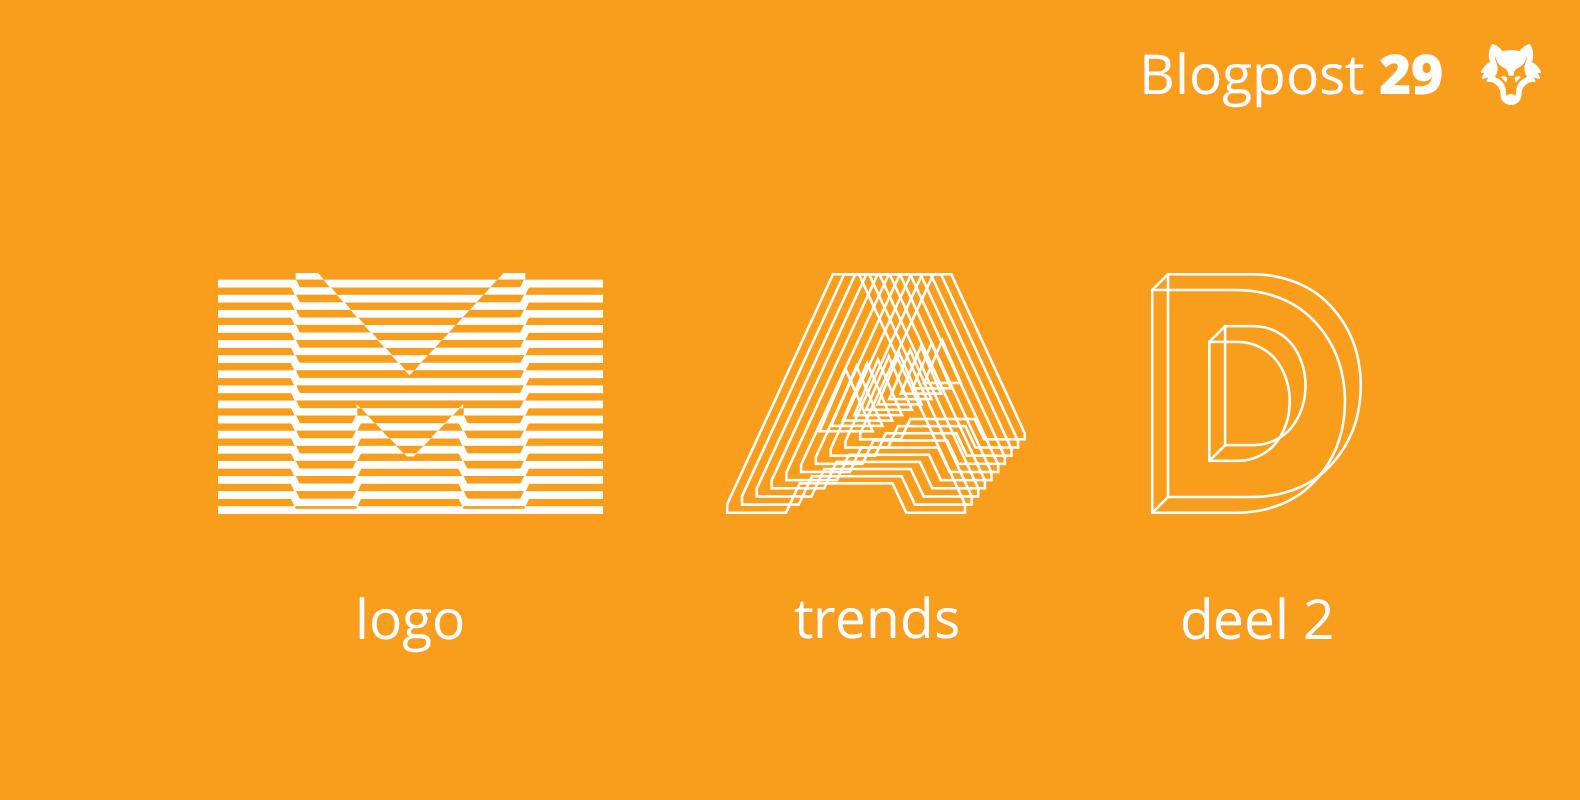 Dit zijn de logo trends van 2017 – deel 2